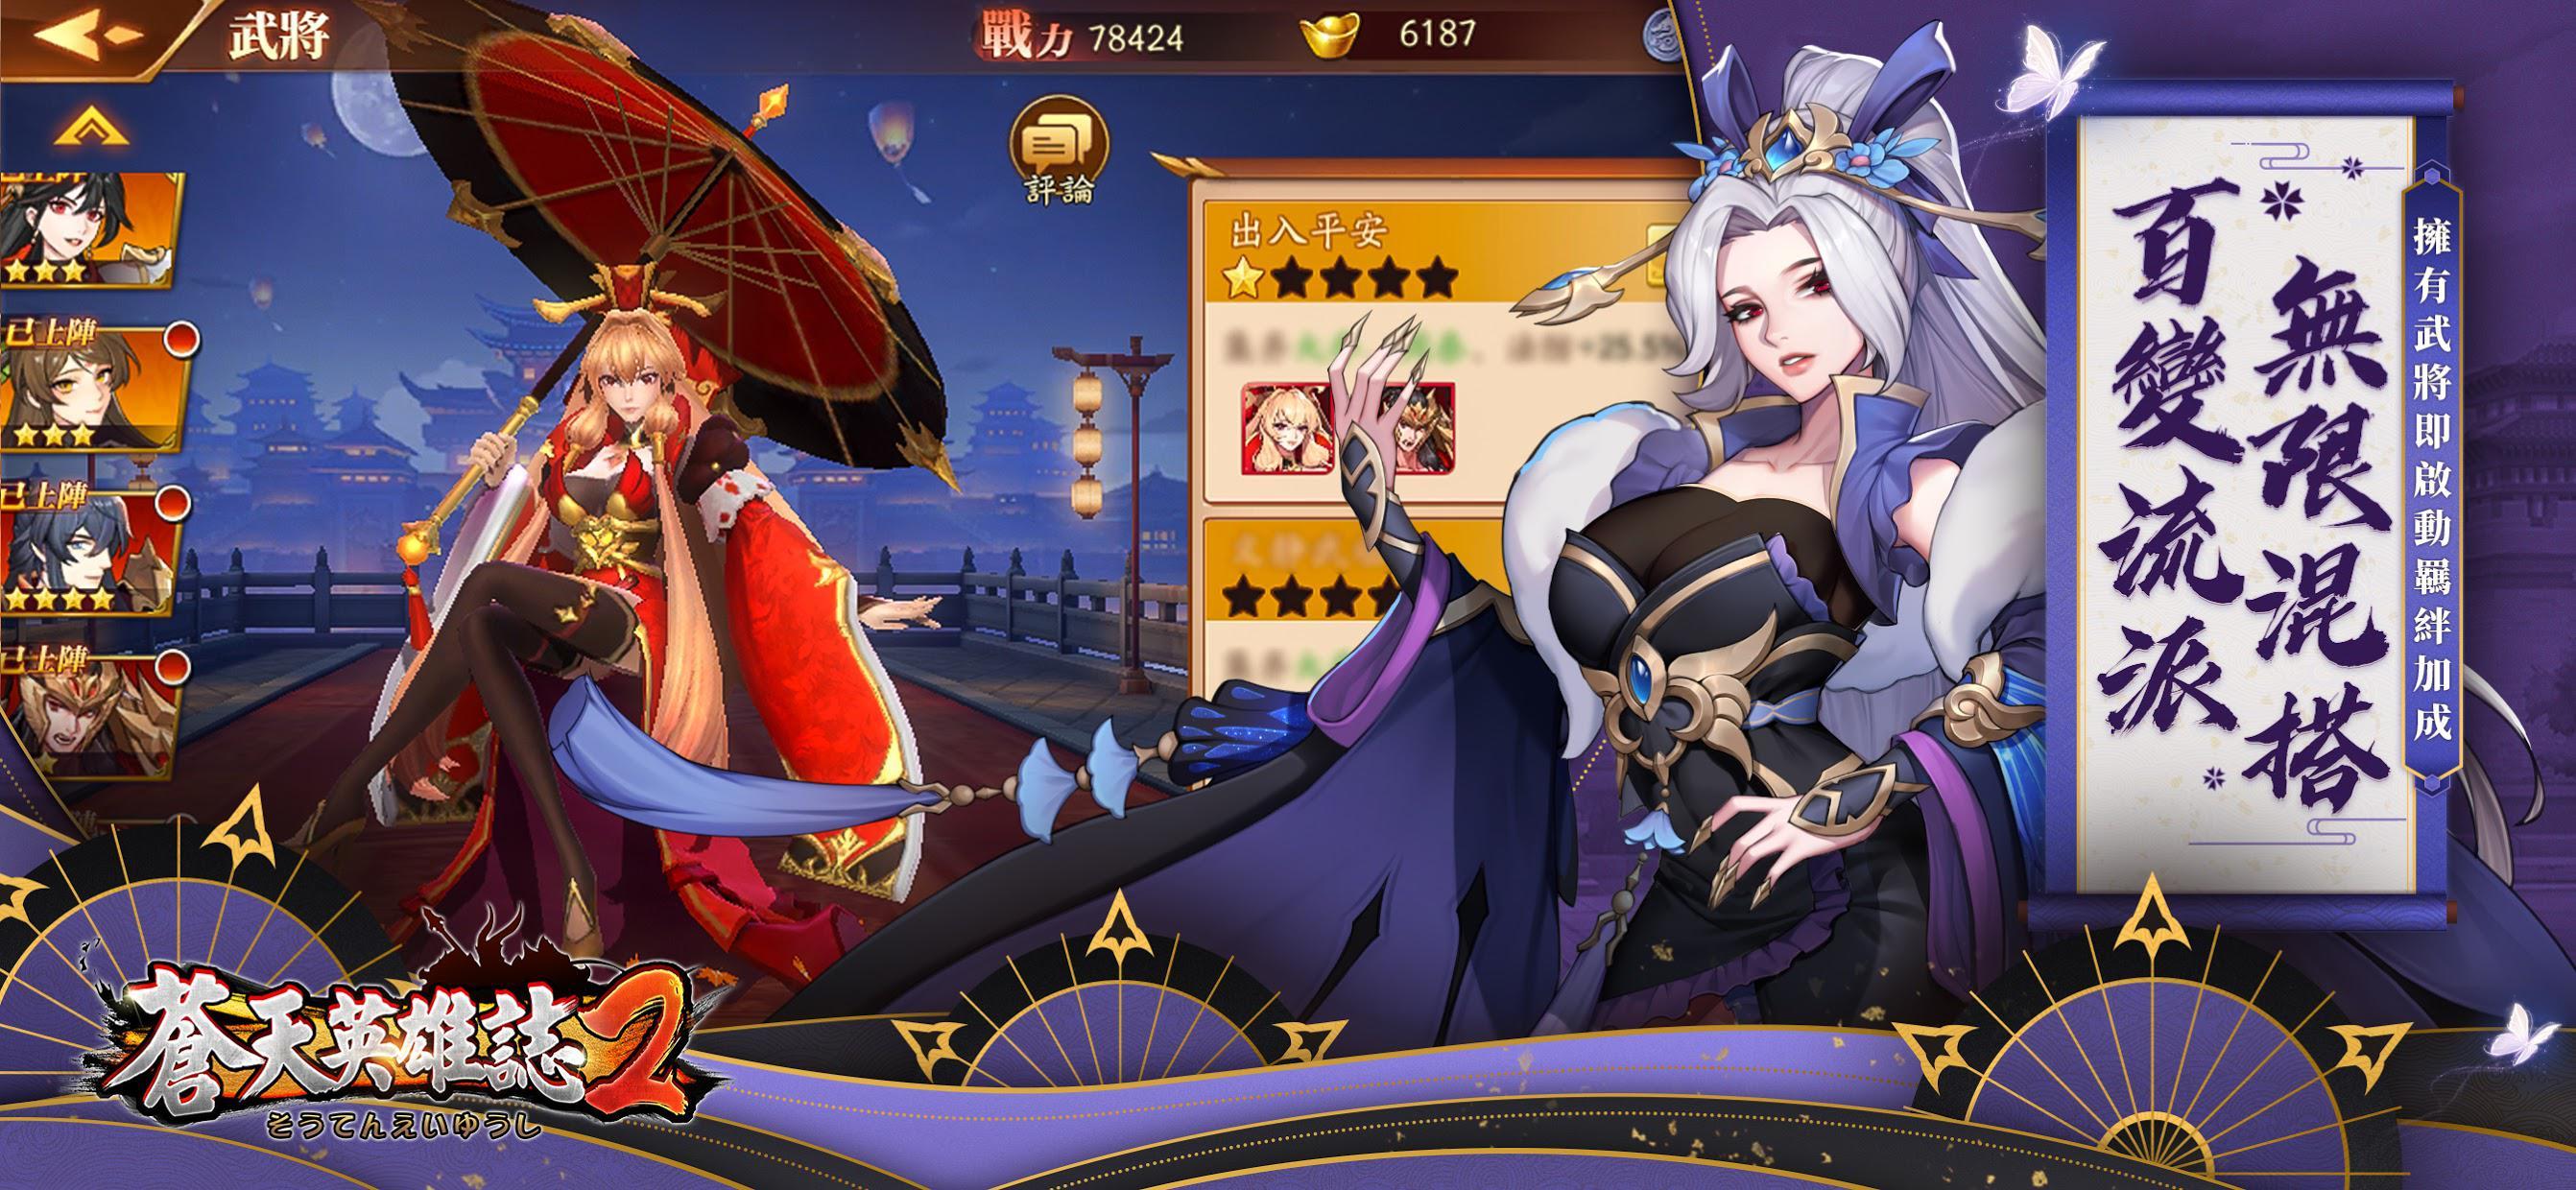 苍天英雄志2 游戏截图2